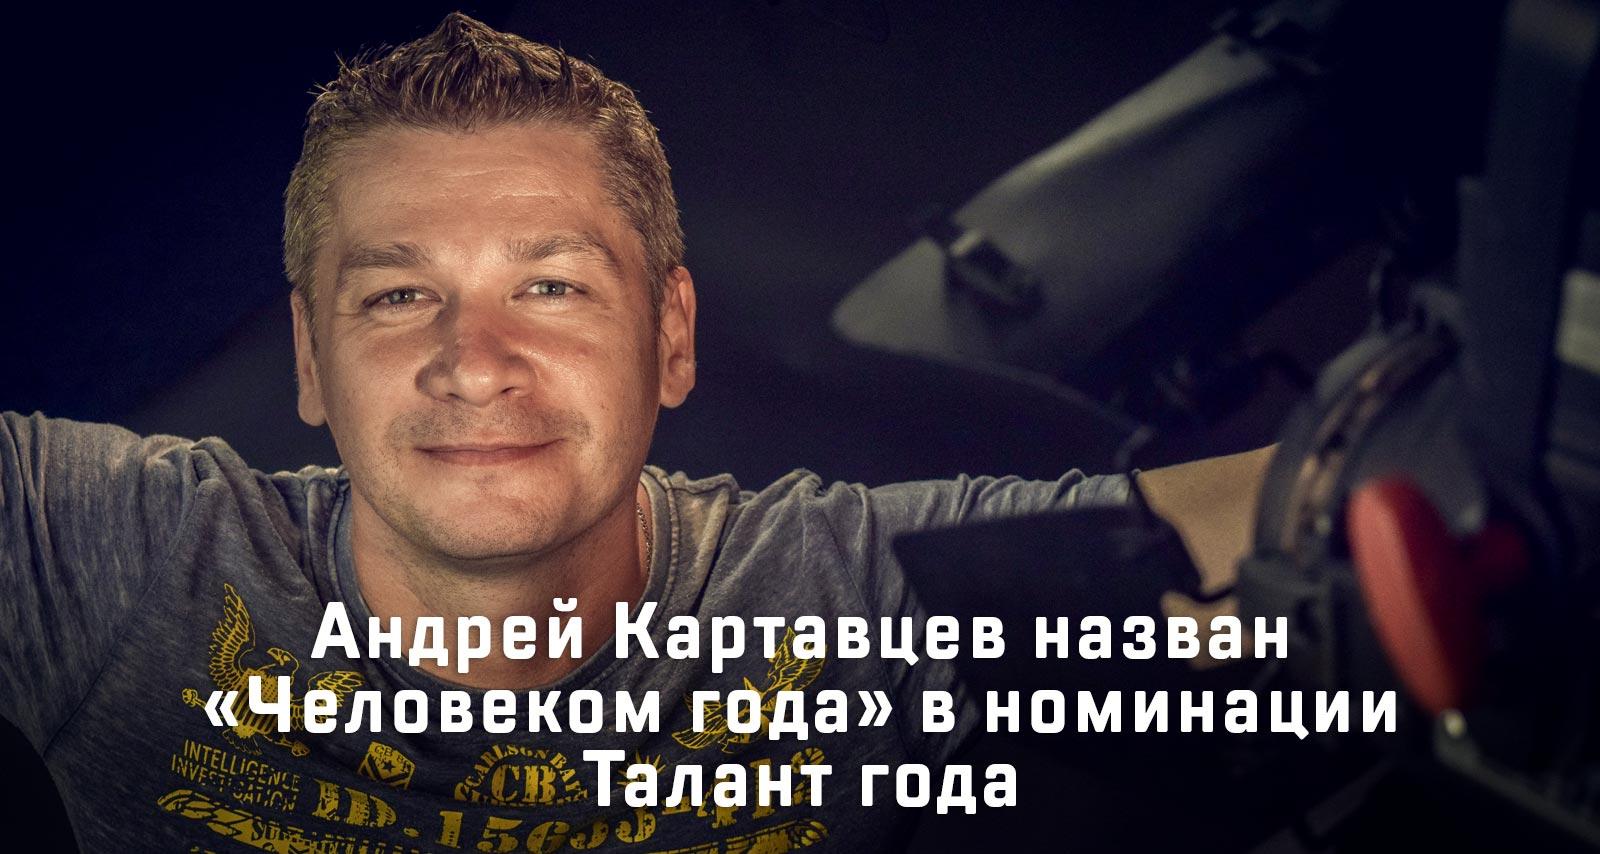 ШАНСОН АНДРЕЙ КАРТАВЦЕВ ВСЕ ПЕСНИ СКАЧАТЬ БЕСПЛАТНО